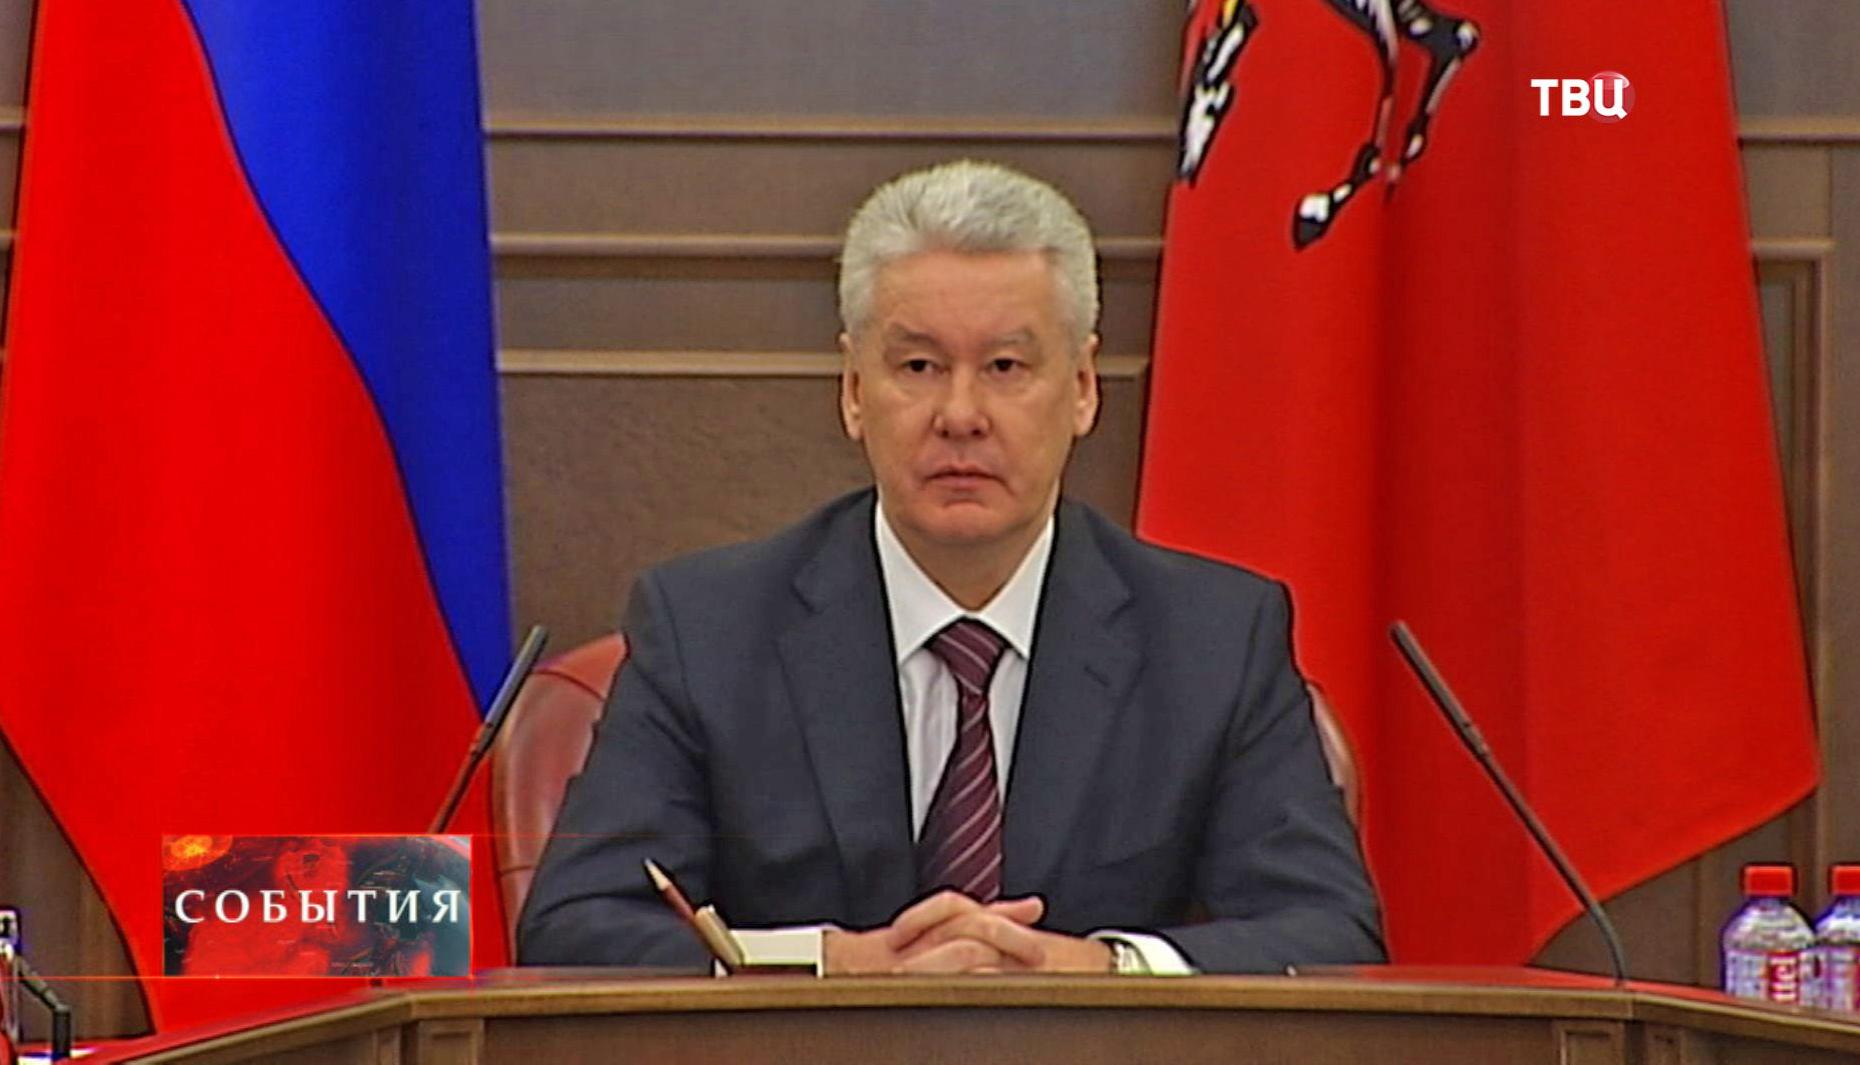 Сергей Собянин на оперативном совещании в мэрии Москвы